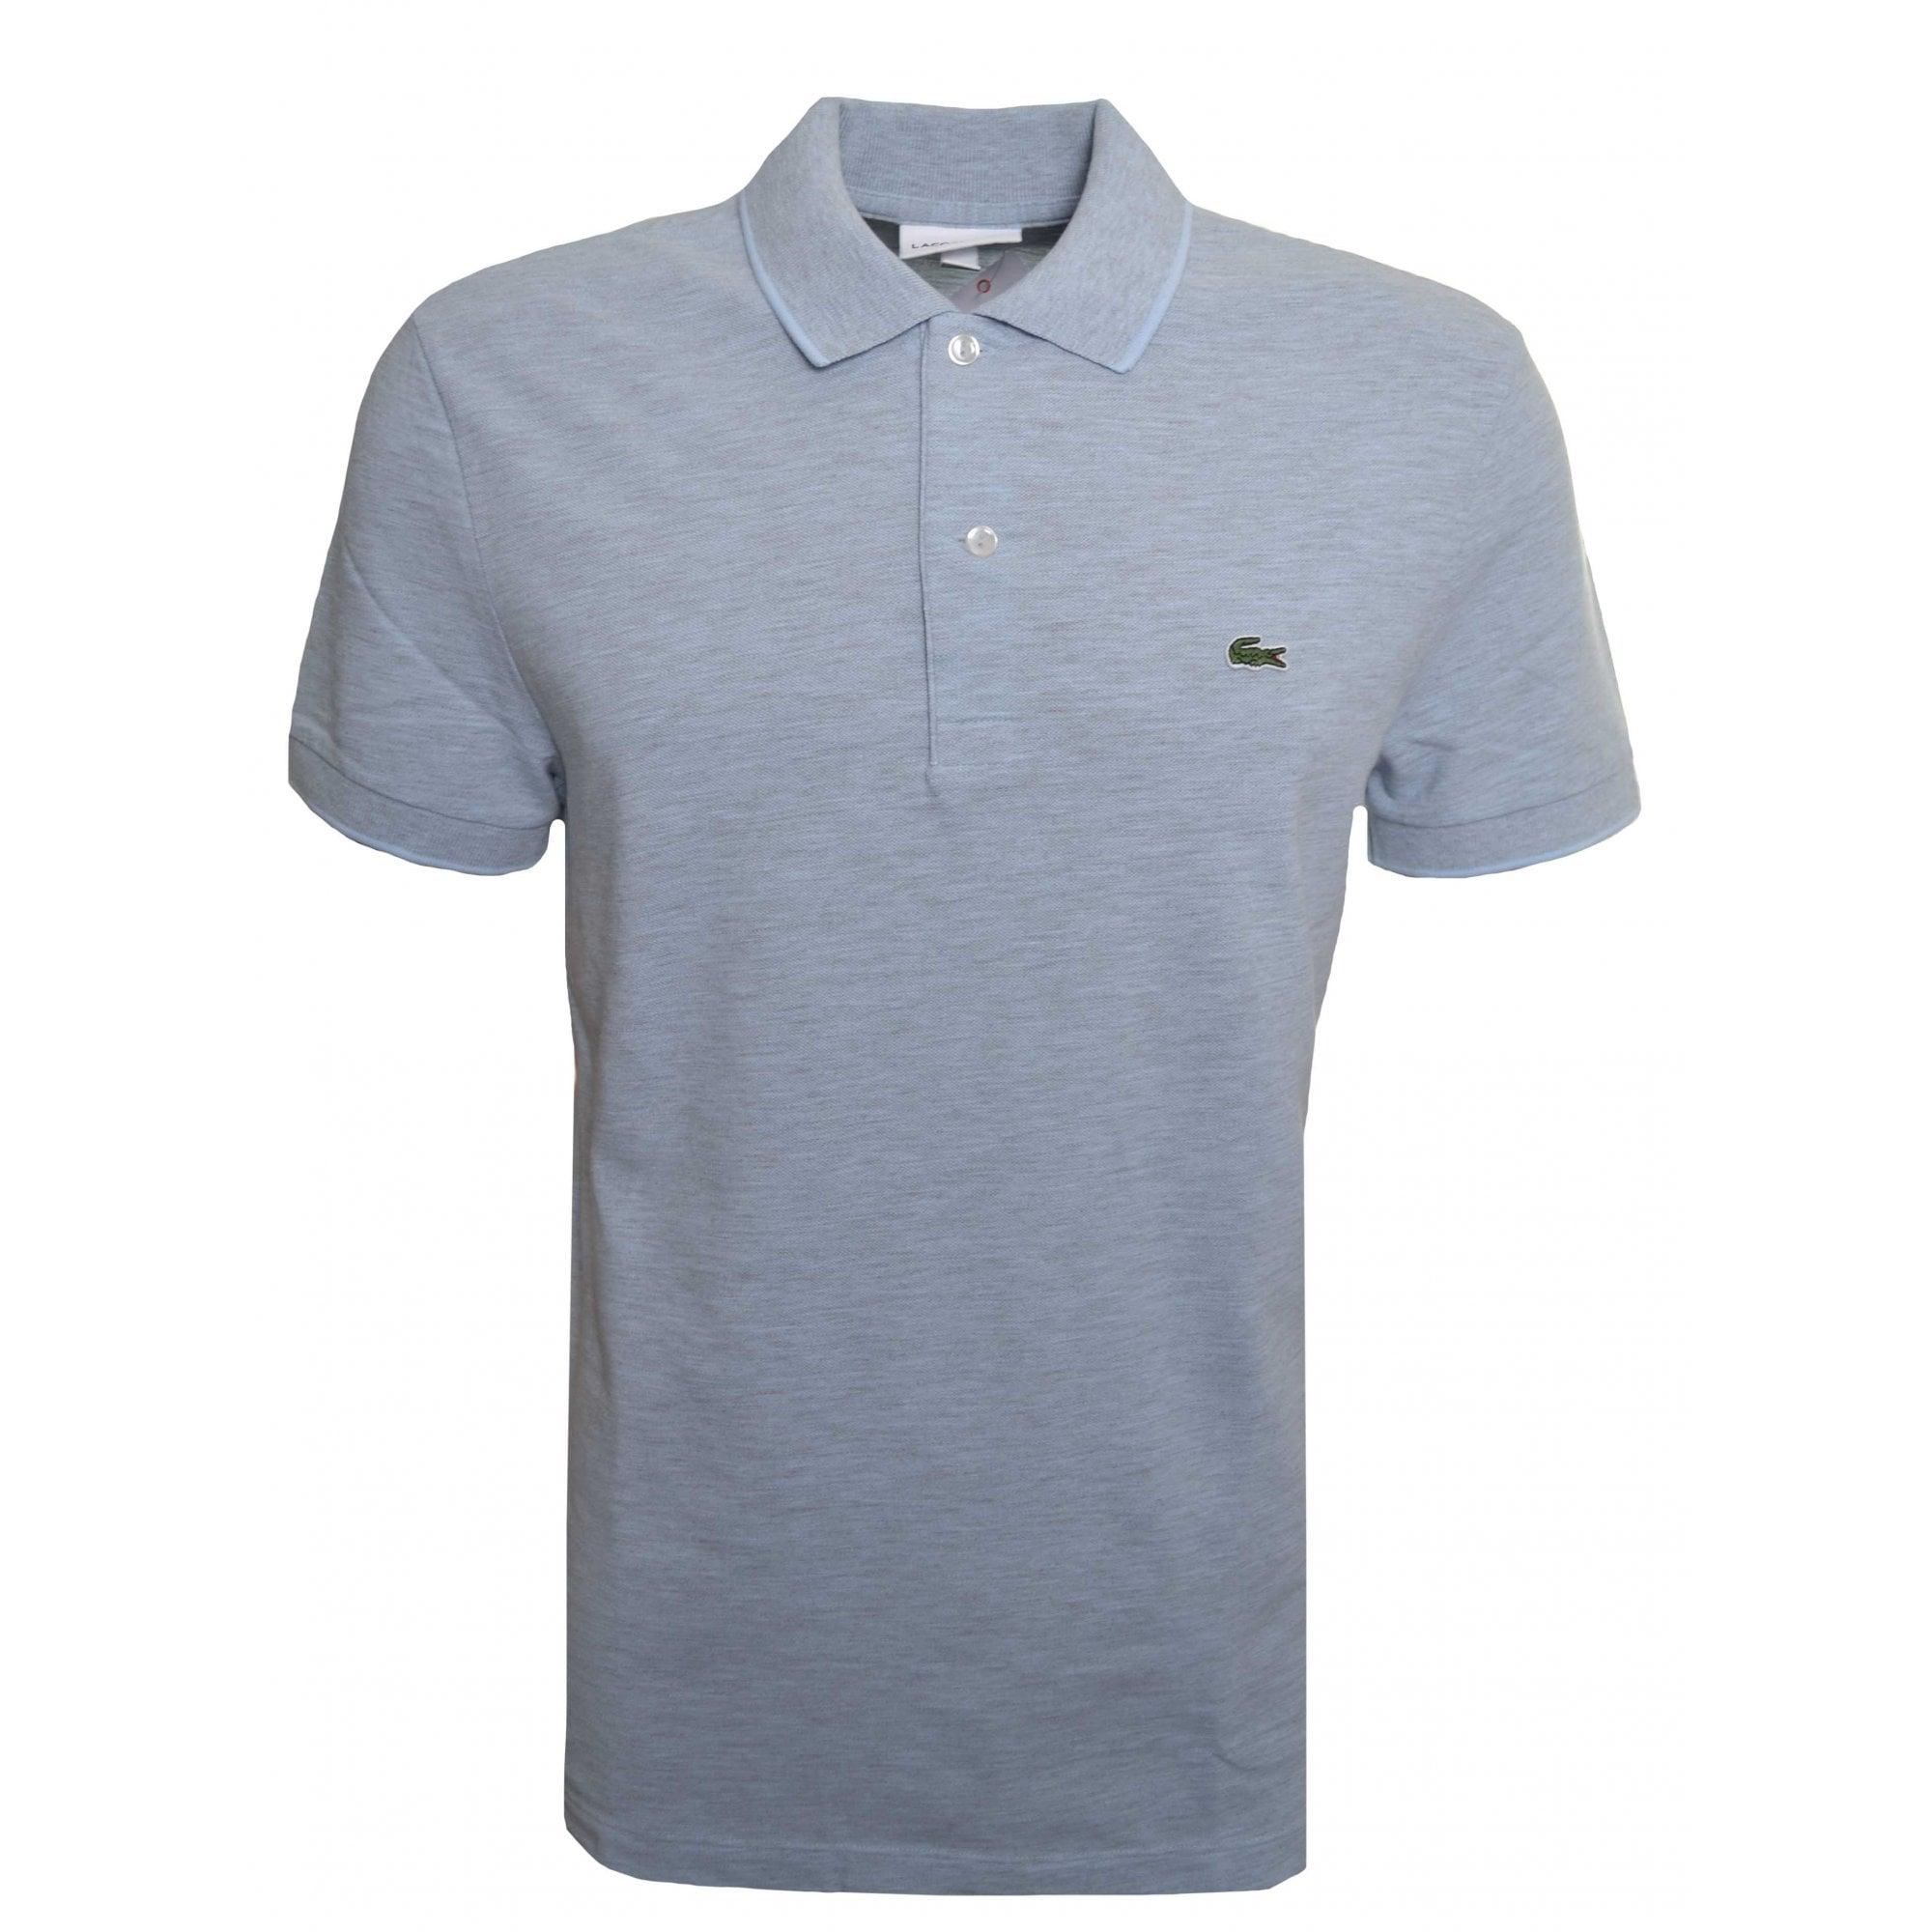 Lacoste Men's Lacoste Men's Regular Fit Light Blue Polo Shirt